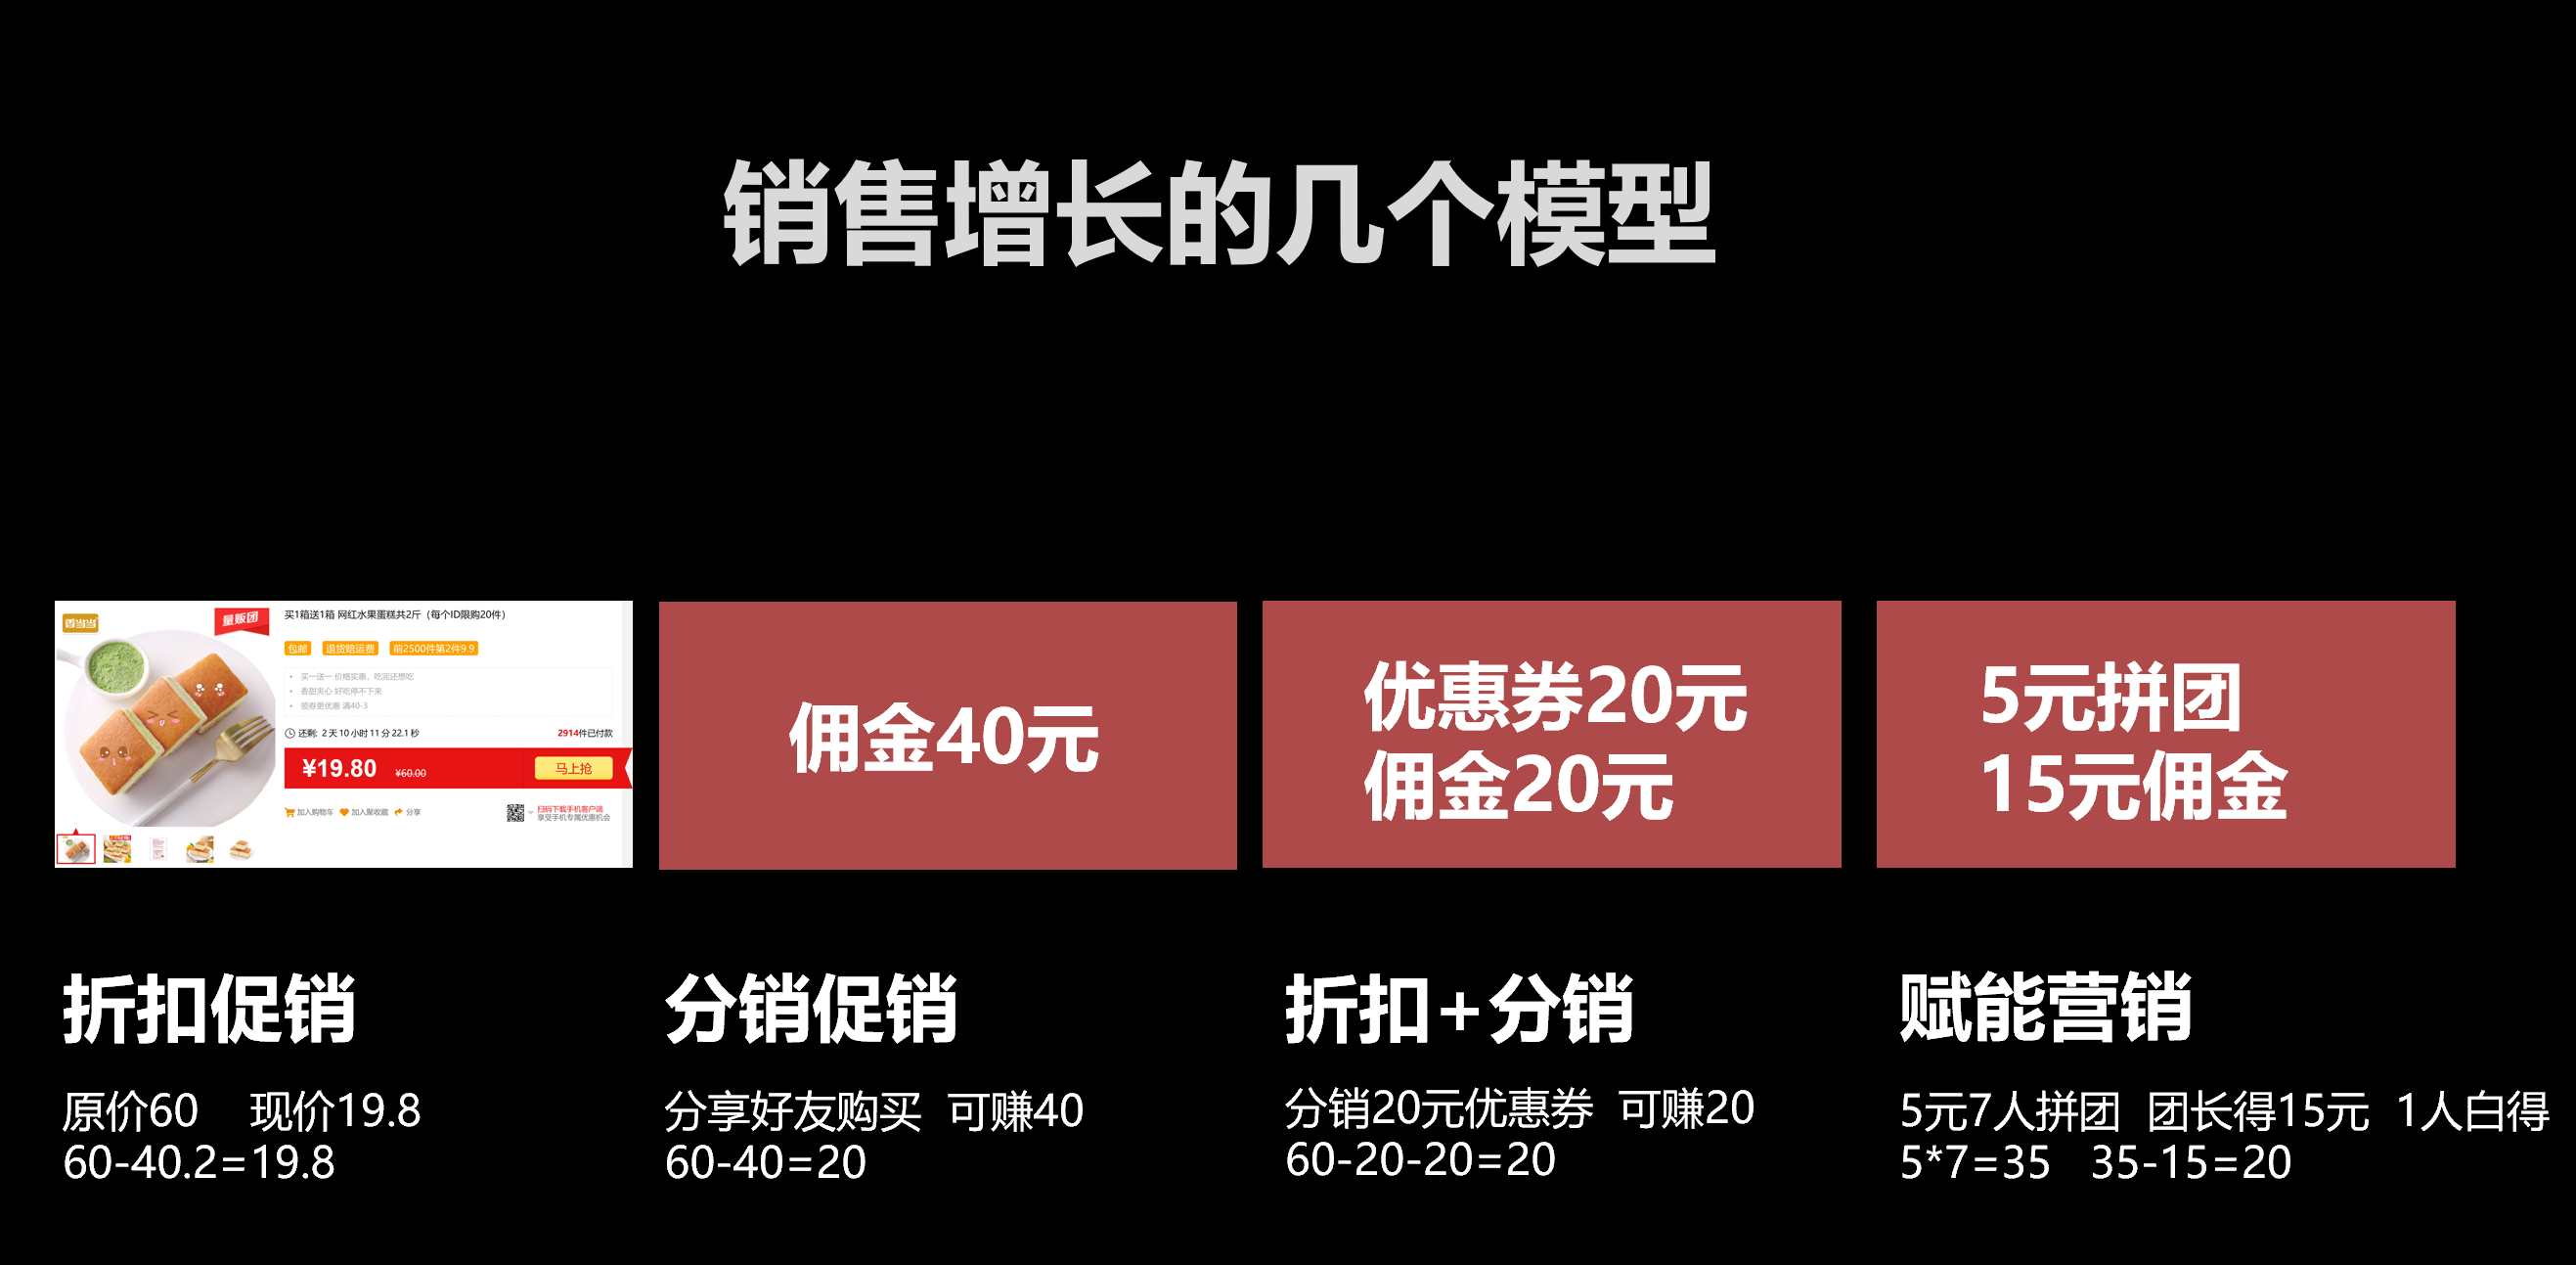 2021最新菠菜论坛,新媒体,陈鸿,案例分析,增长,裂变,H5,裂变